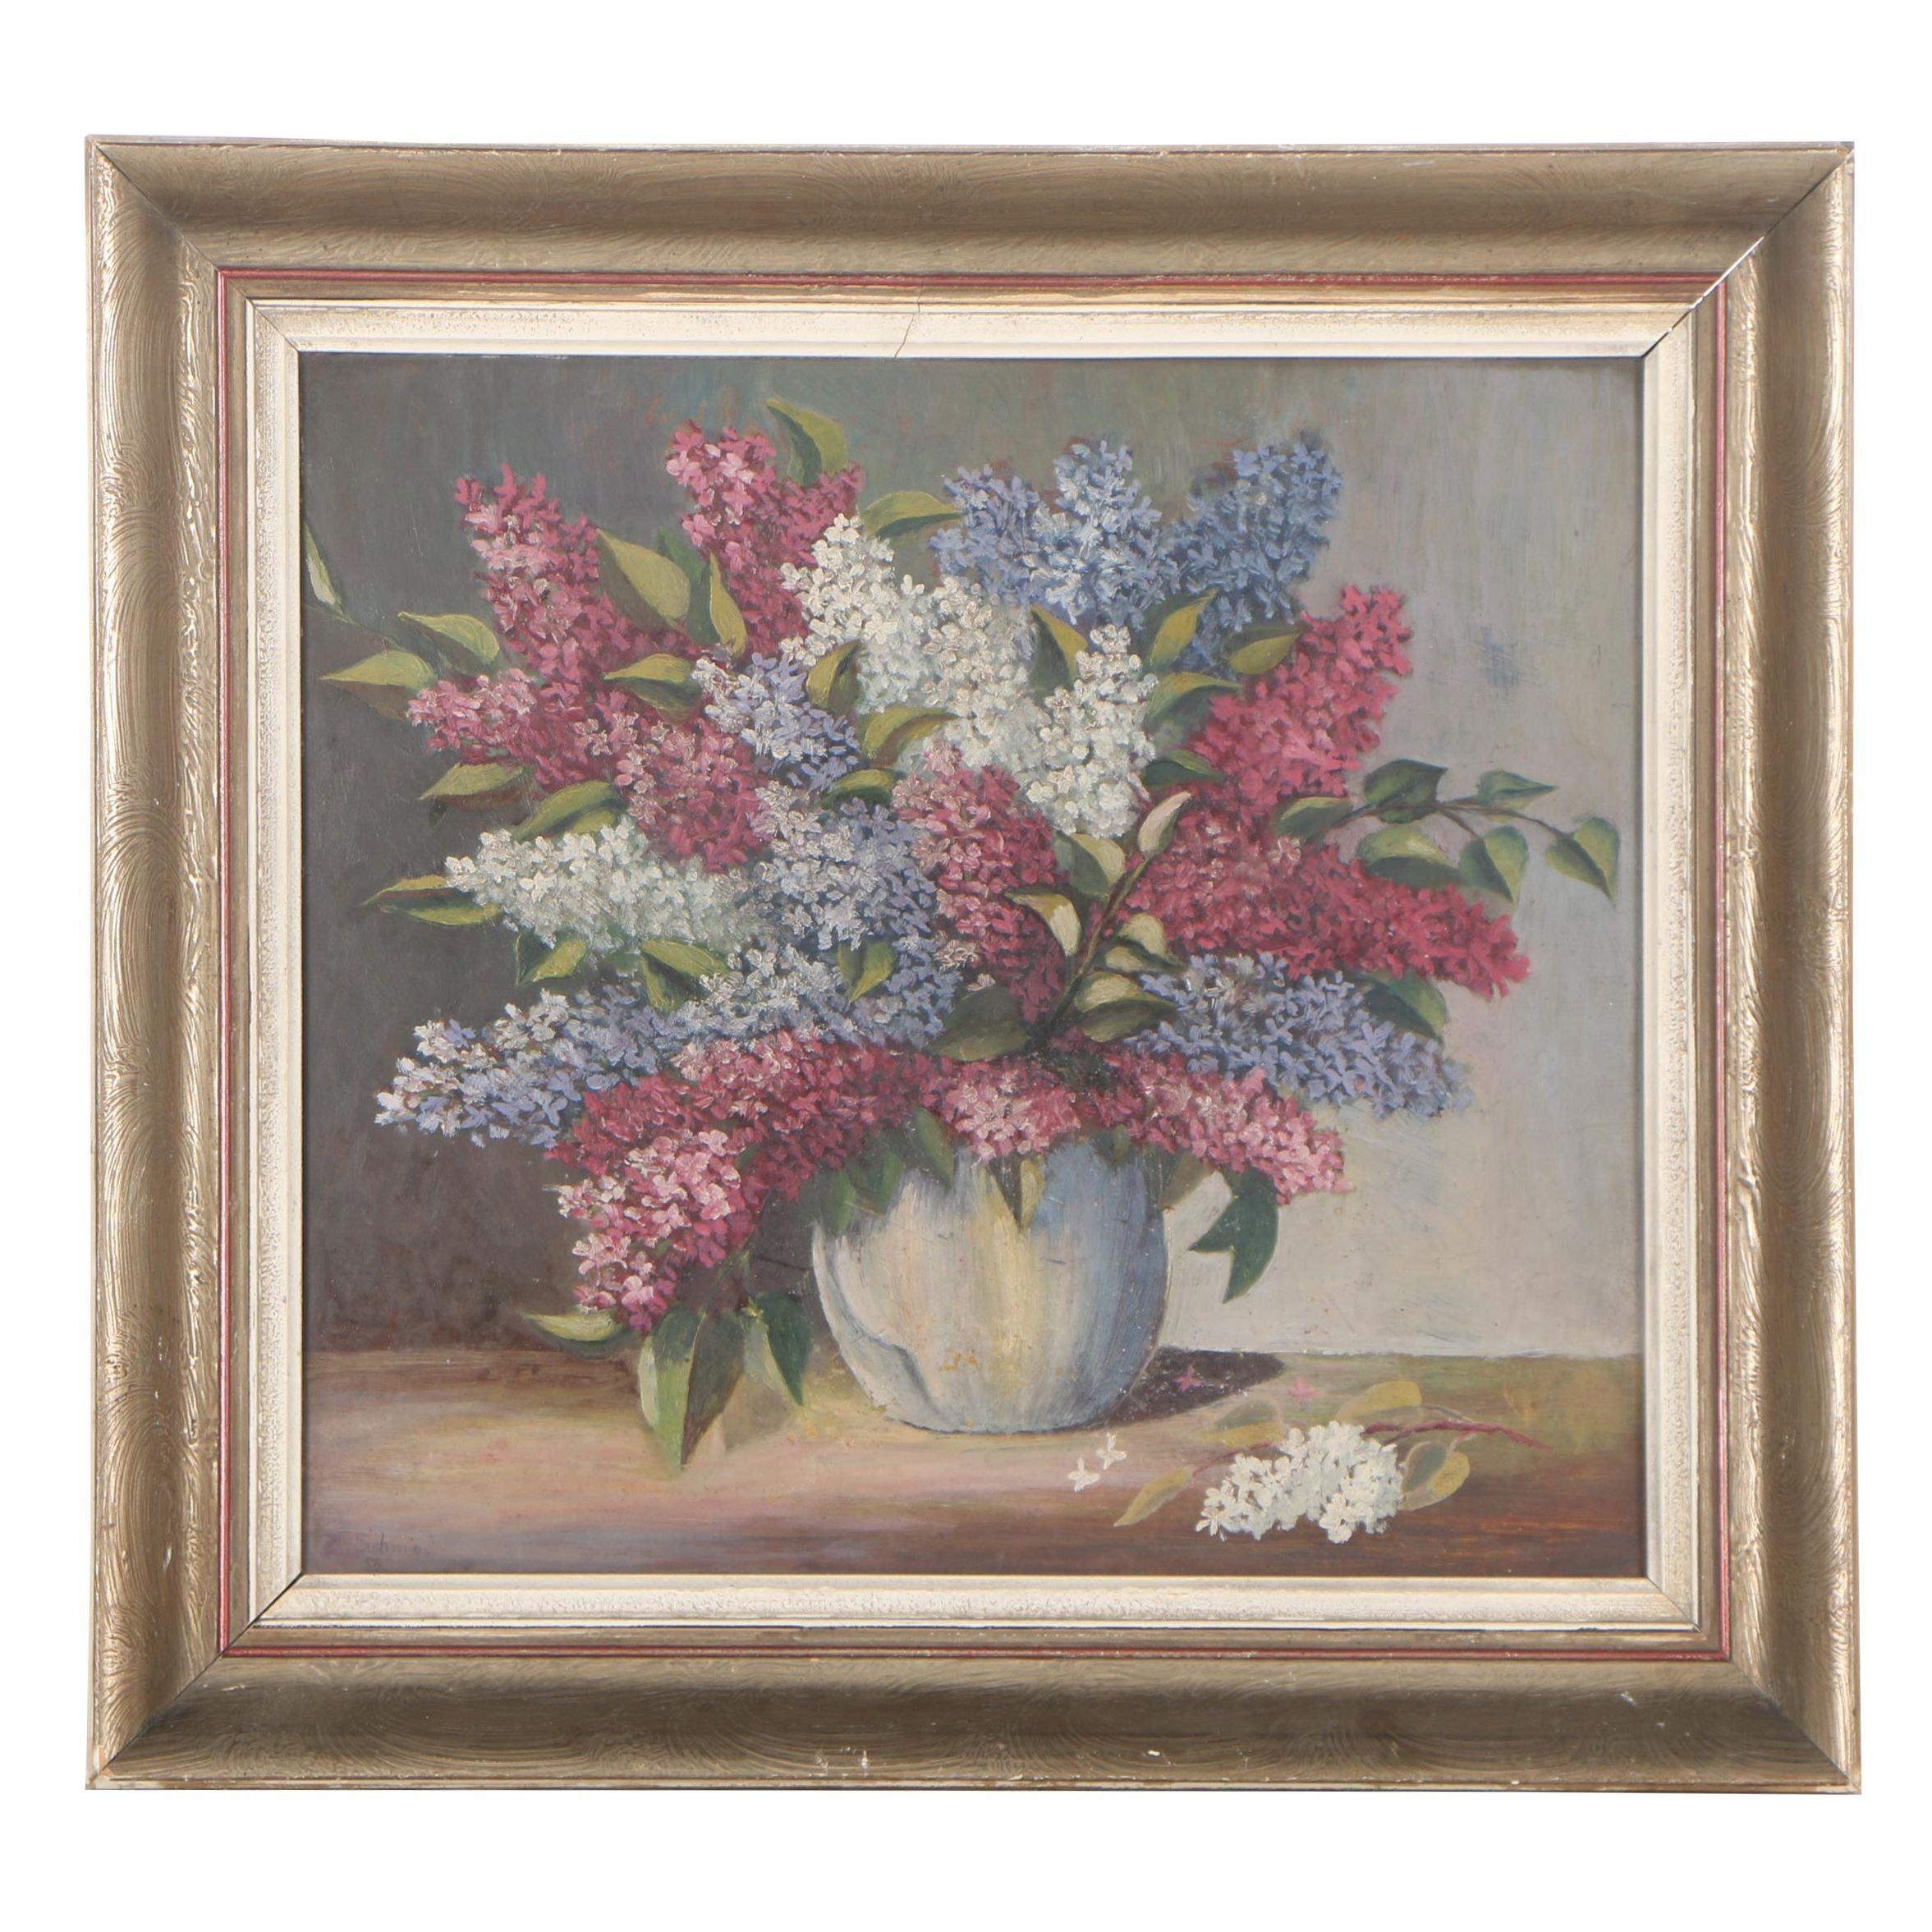 1954 Still-Life Oil Painting